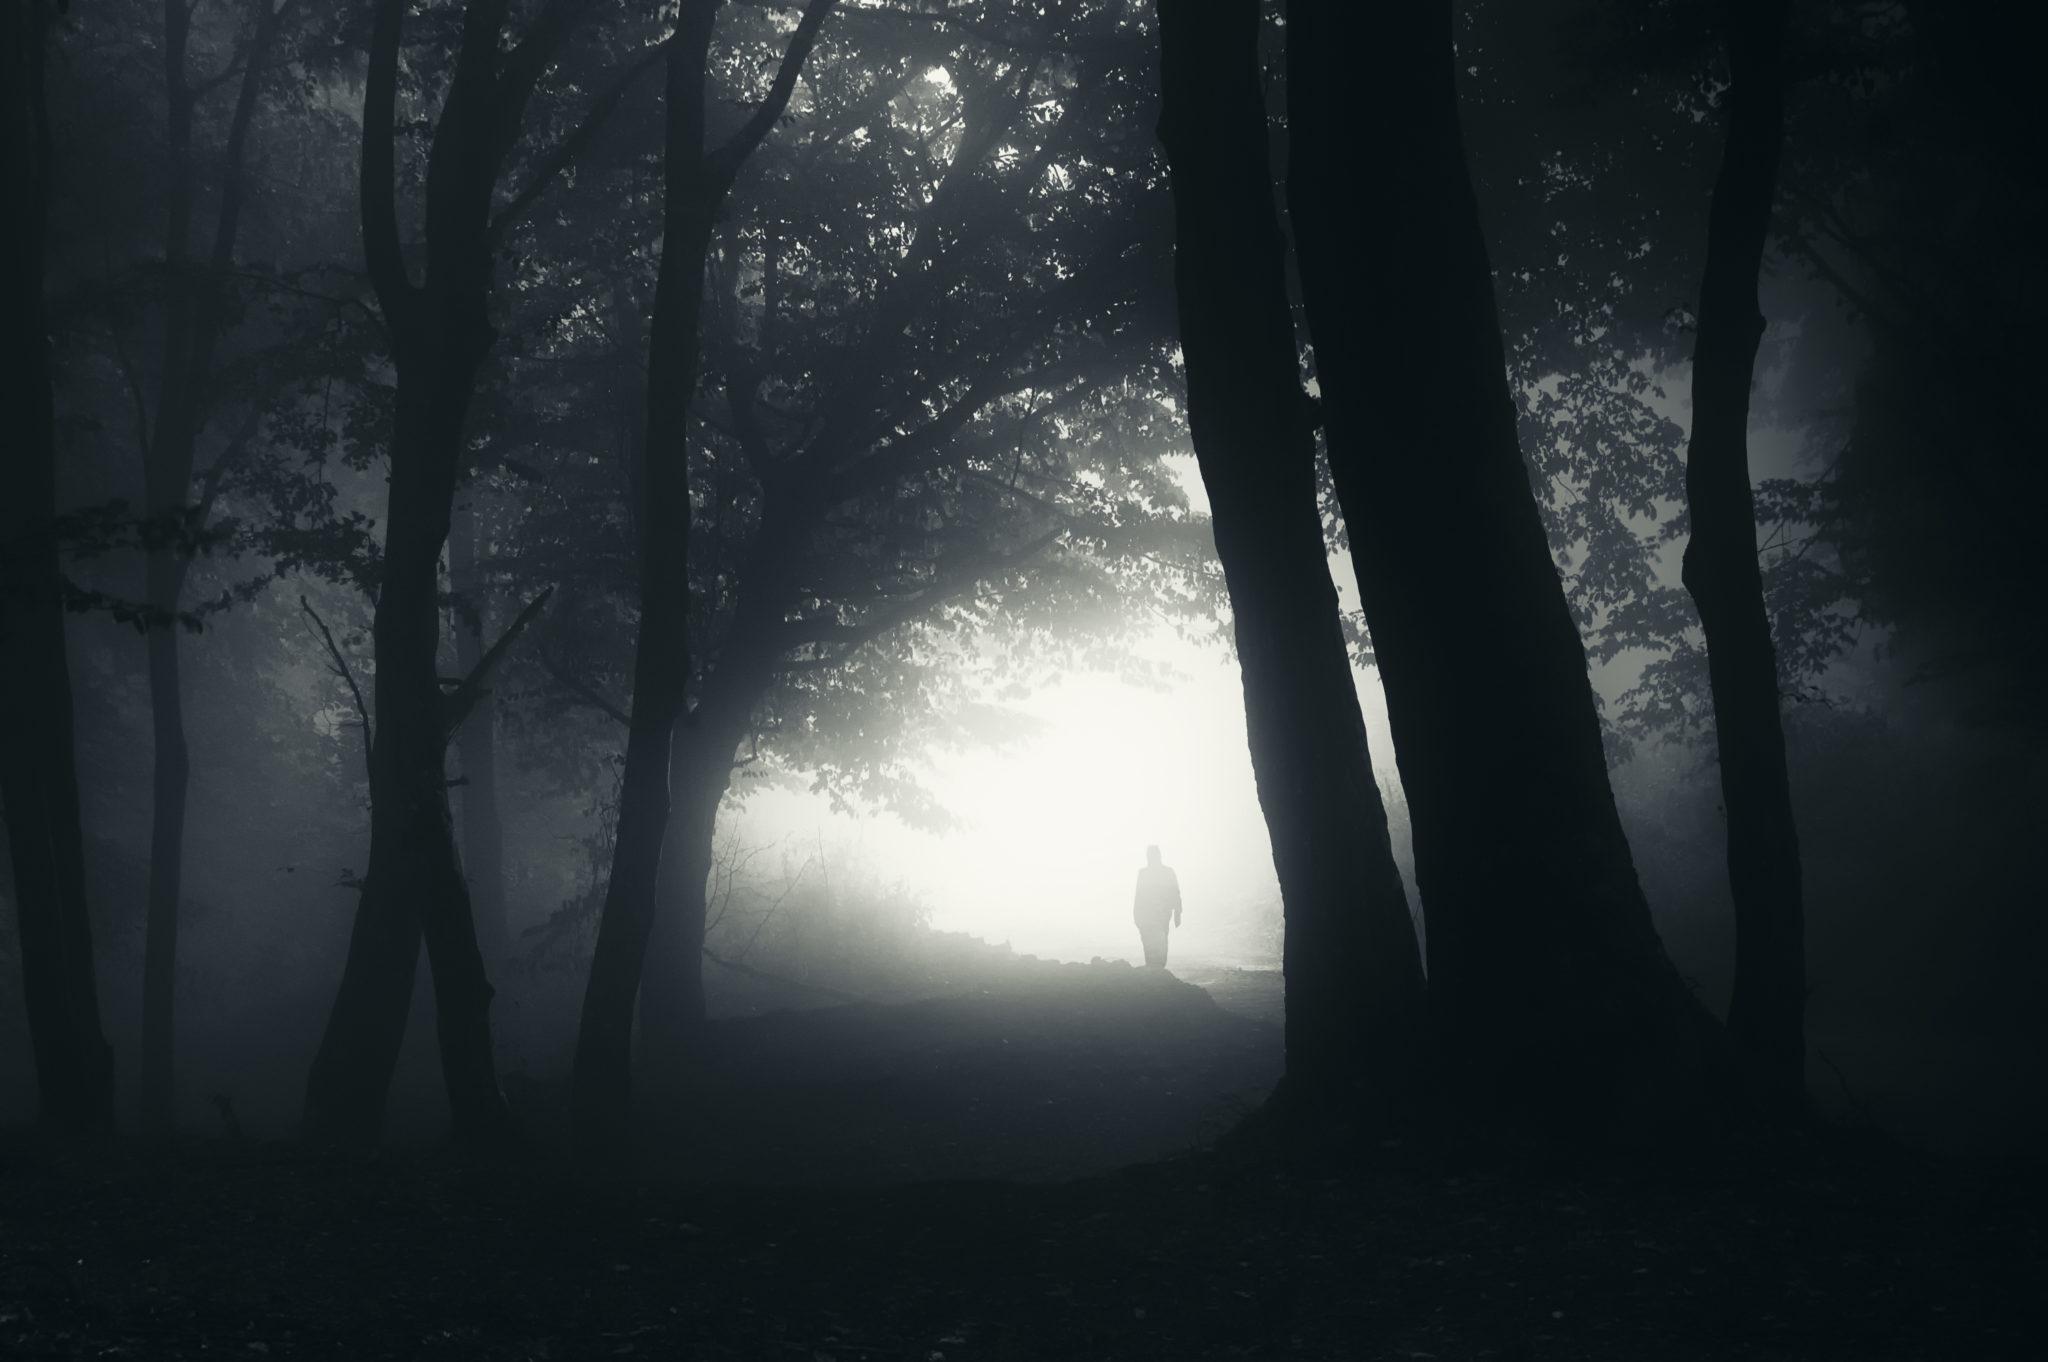 Serbia centrale, un villaggio sterminato dai vampiri